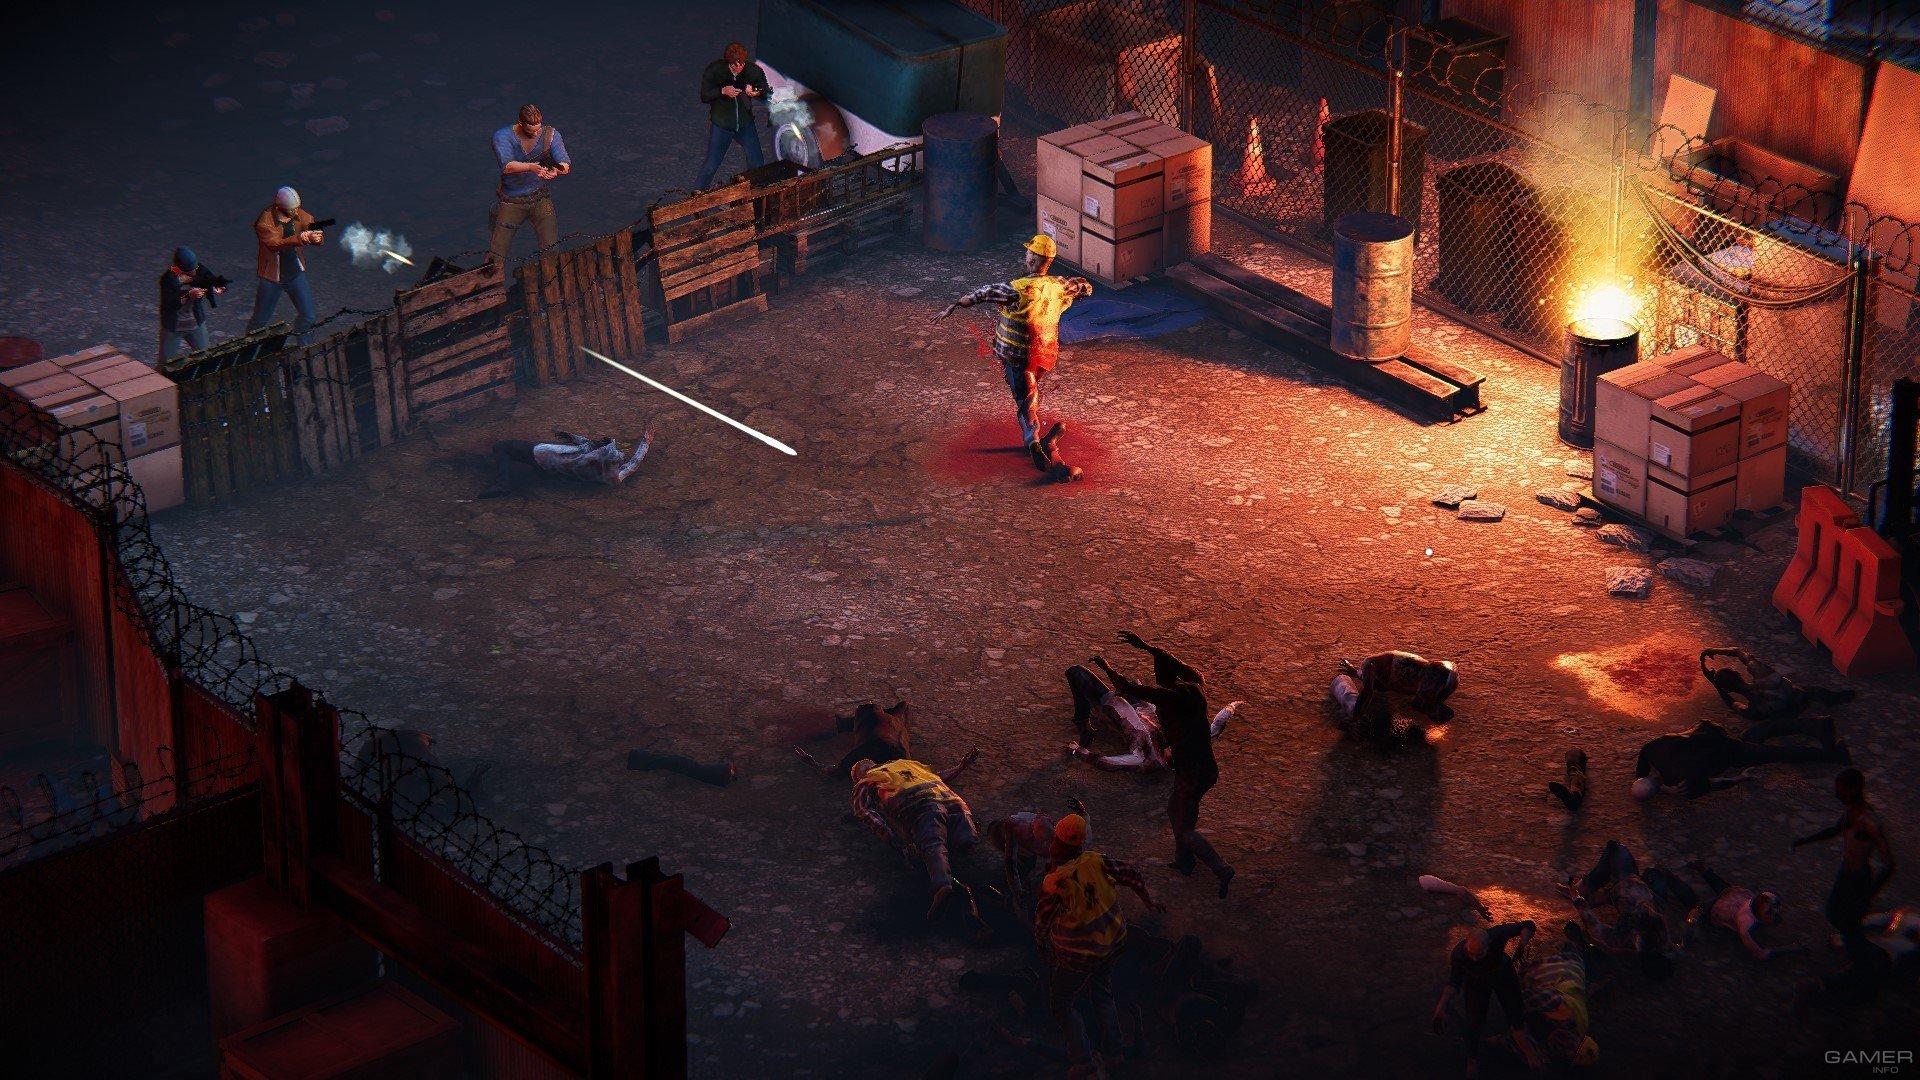 Скриншот к игре Frontline Zed (2019) скачать торрент RePack от xatab